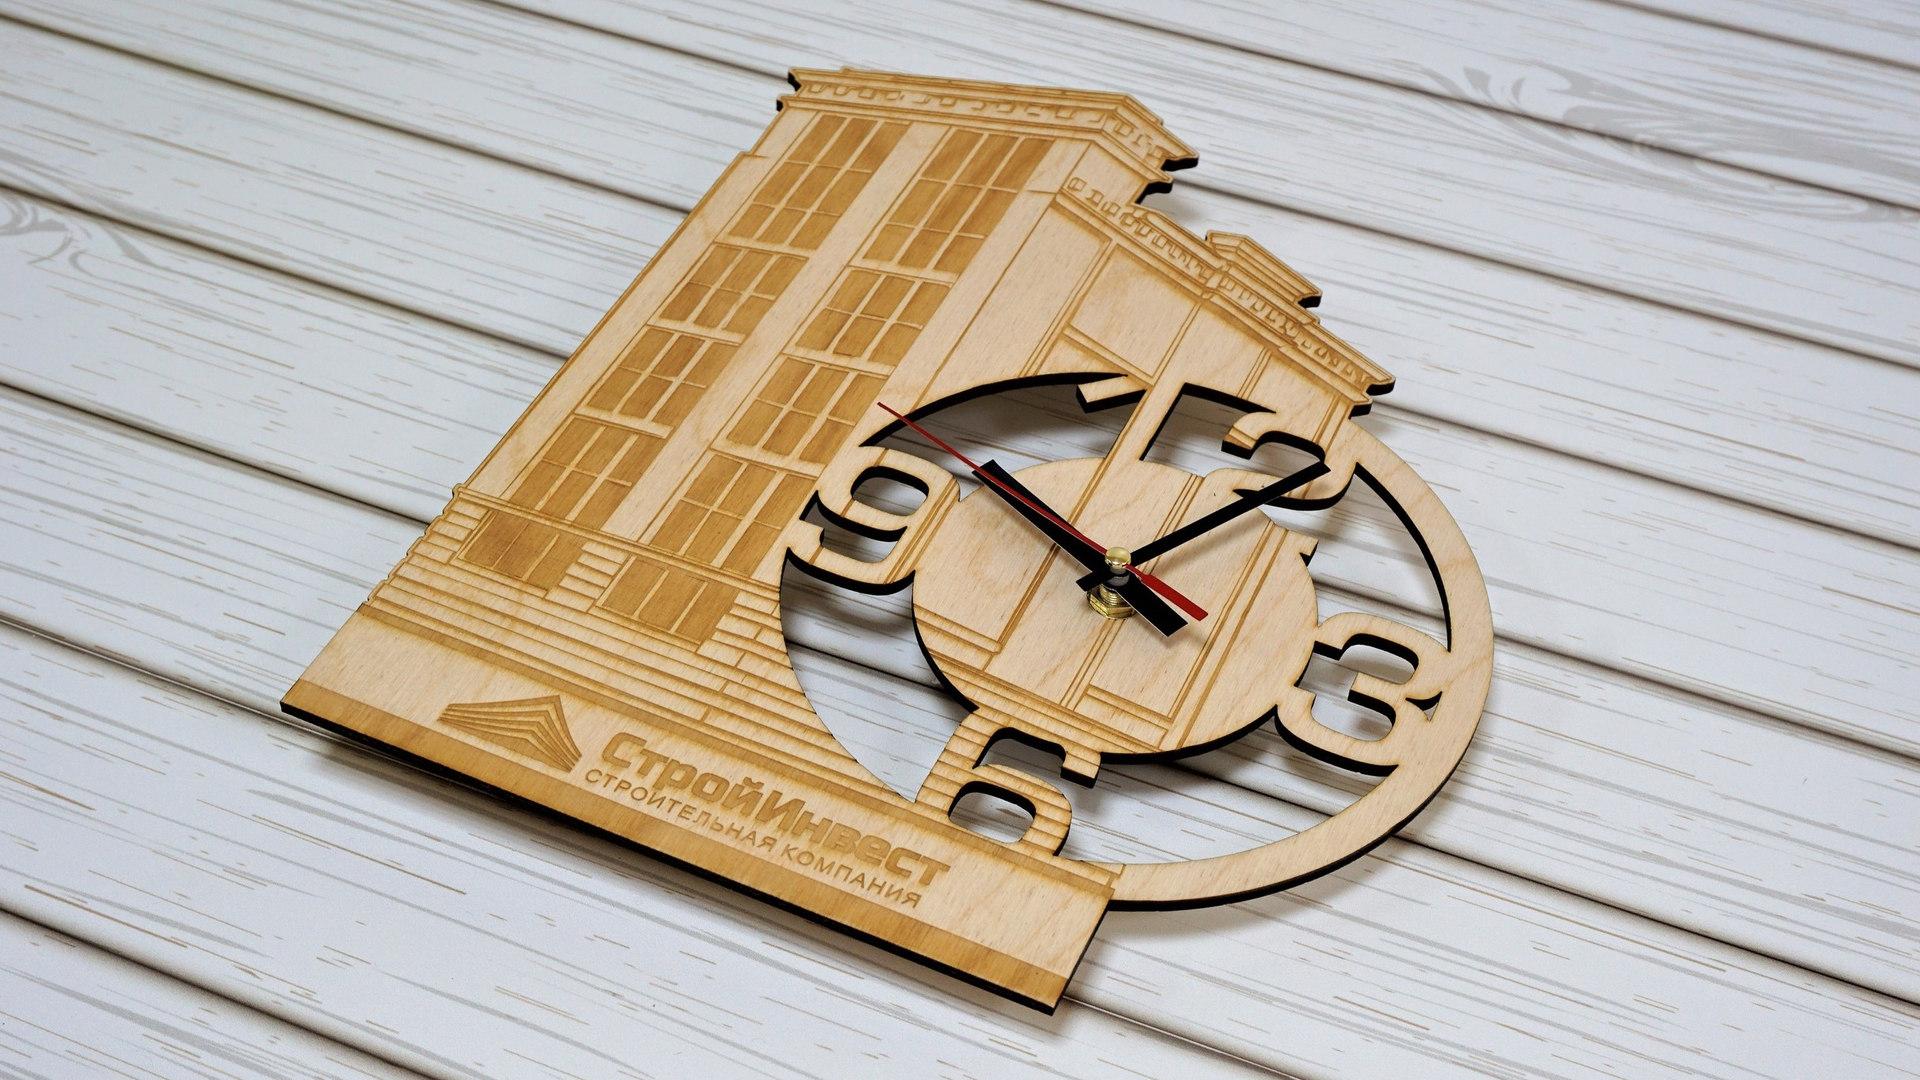 Деревянные часы в форме дома с логотипом строительной компании